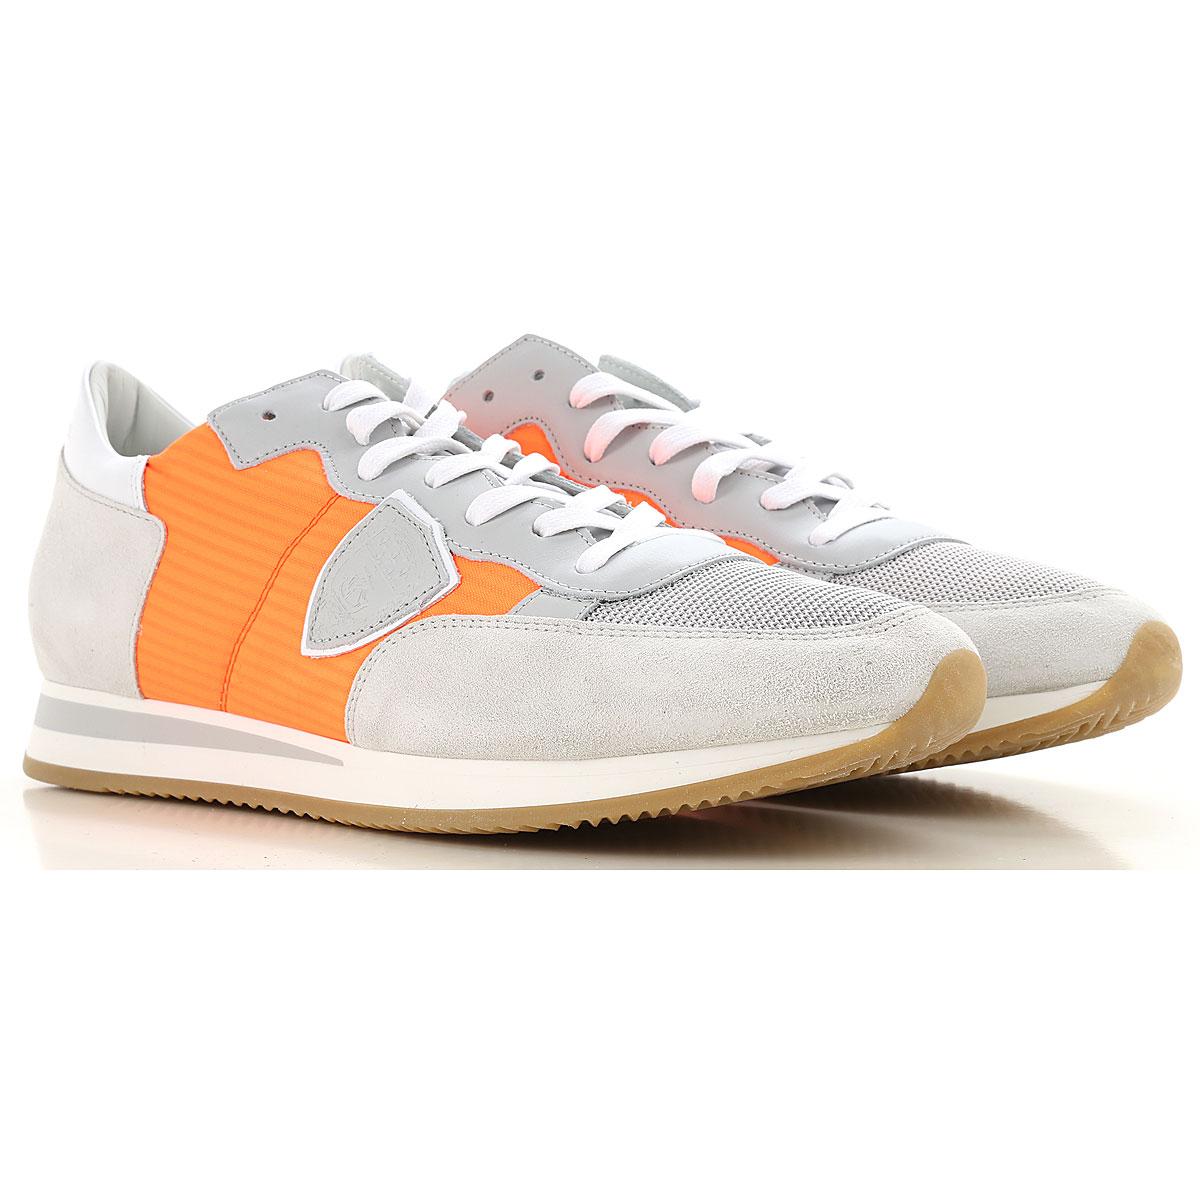 Philippe Model Sneakers voor Mannen In Aanbieding, Fluo Oranje, Suede, 2019, 40 41 42 43 44 45 46